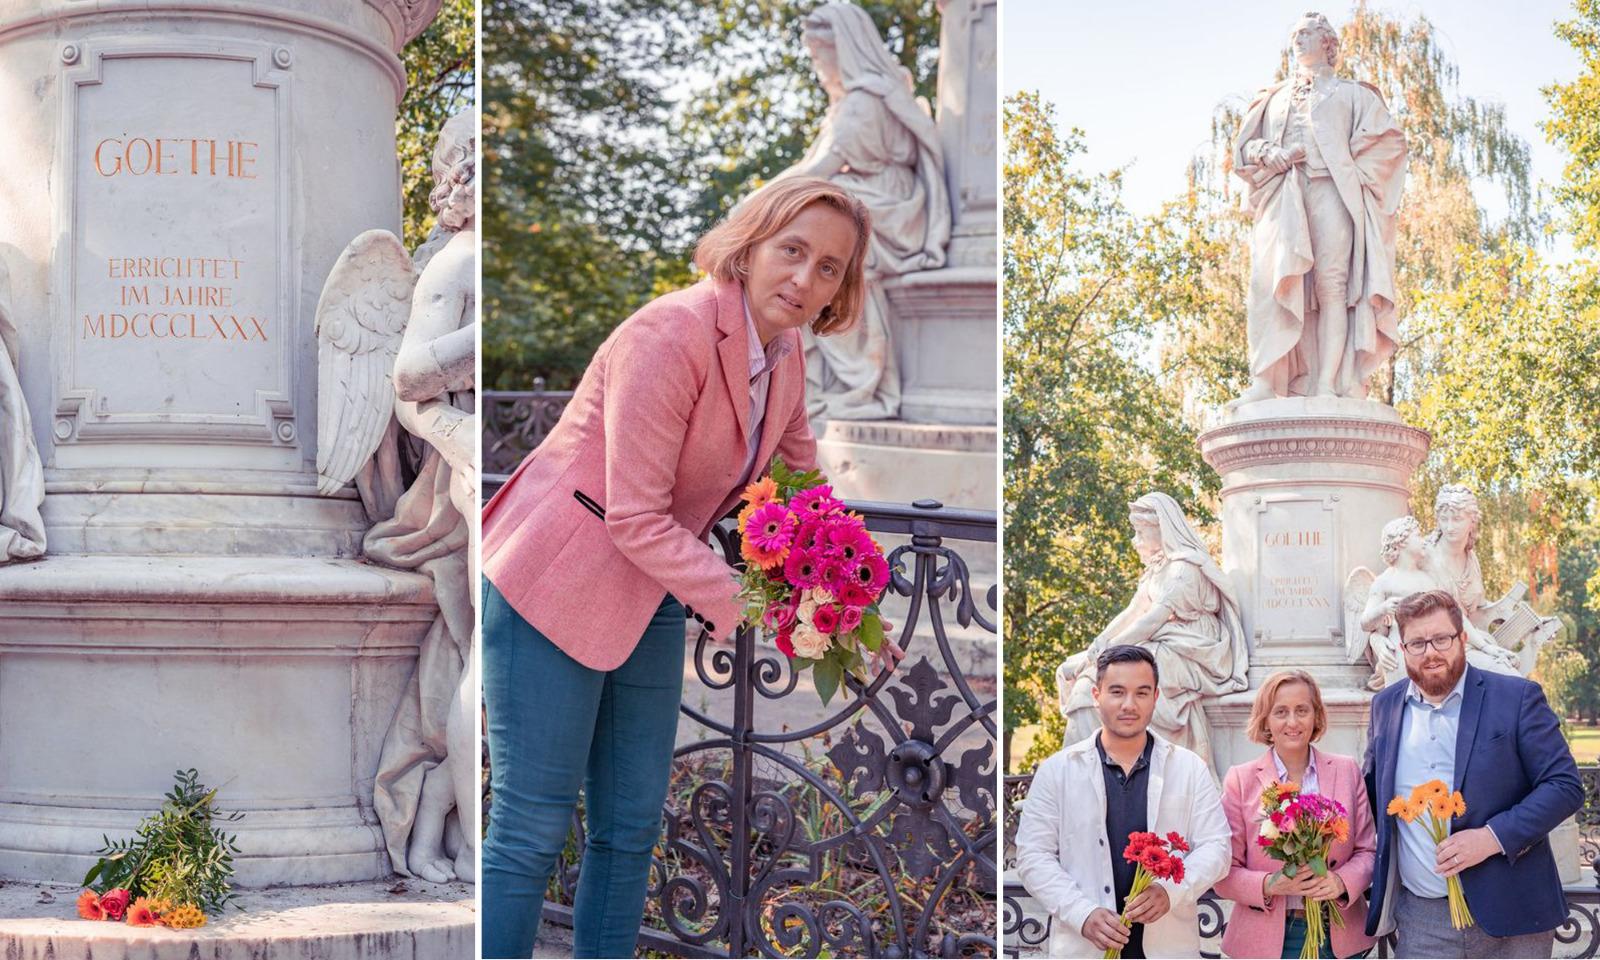 Die Co-Vorsitzende der AfD, Beatrix von Storch, legt Blumen am Goethe-Denkmal nieder Foto: AfD/JF-Montage